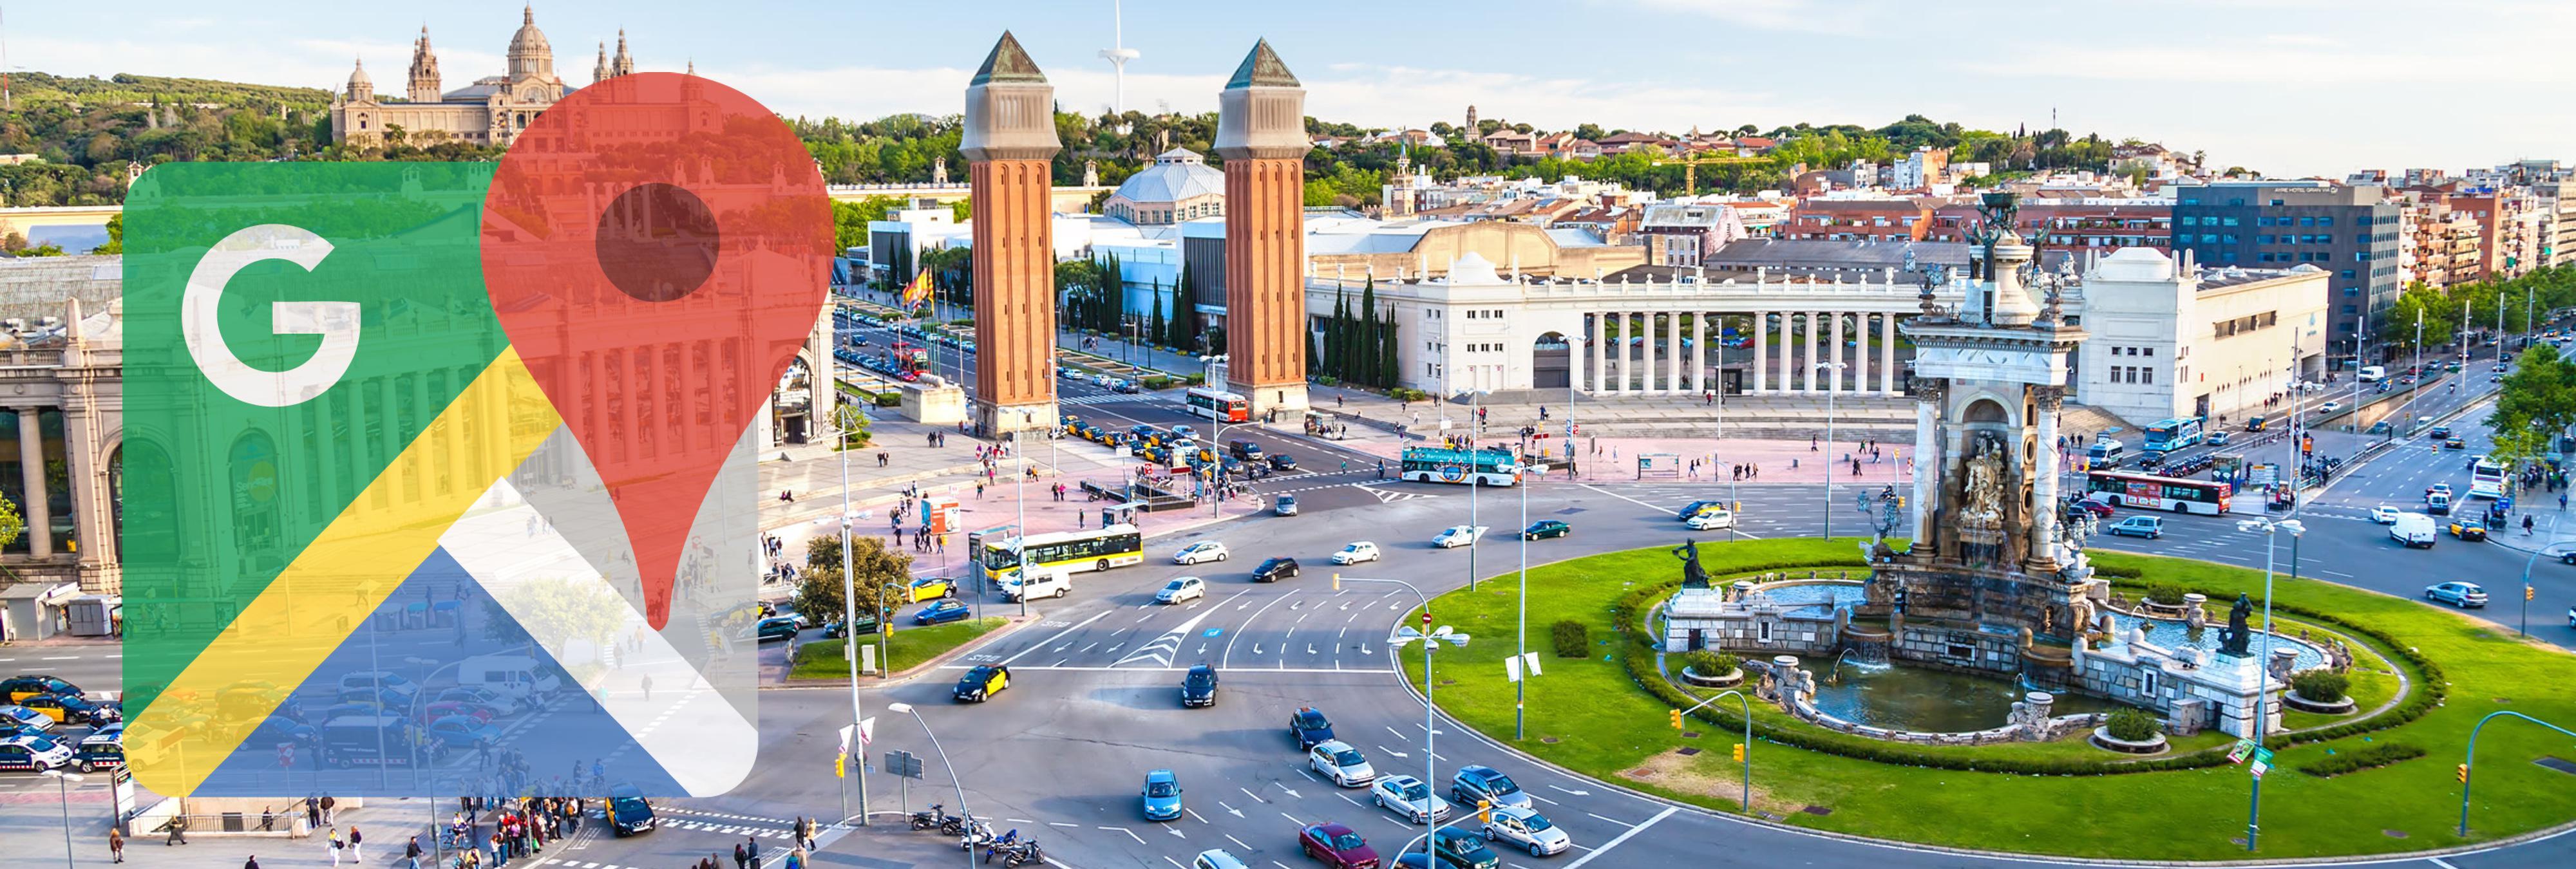 La Plaza de España de Barcelona se convierte en la 'Plaza del 1 de Octubre' en Google Maps